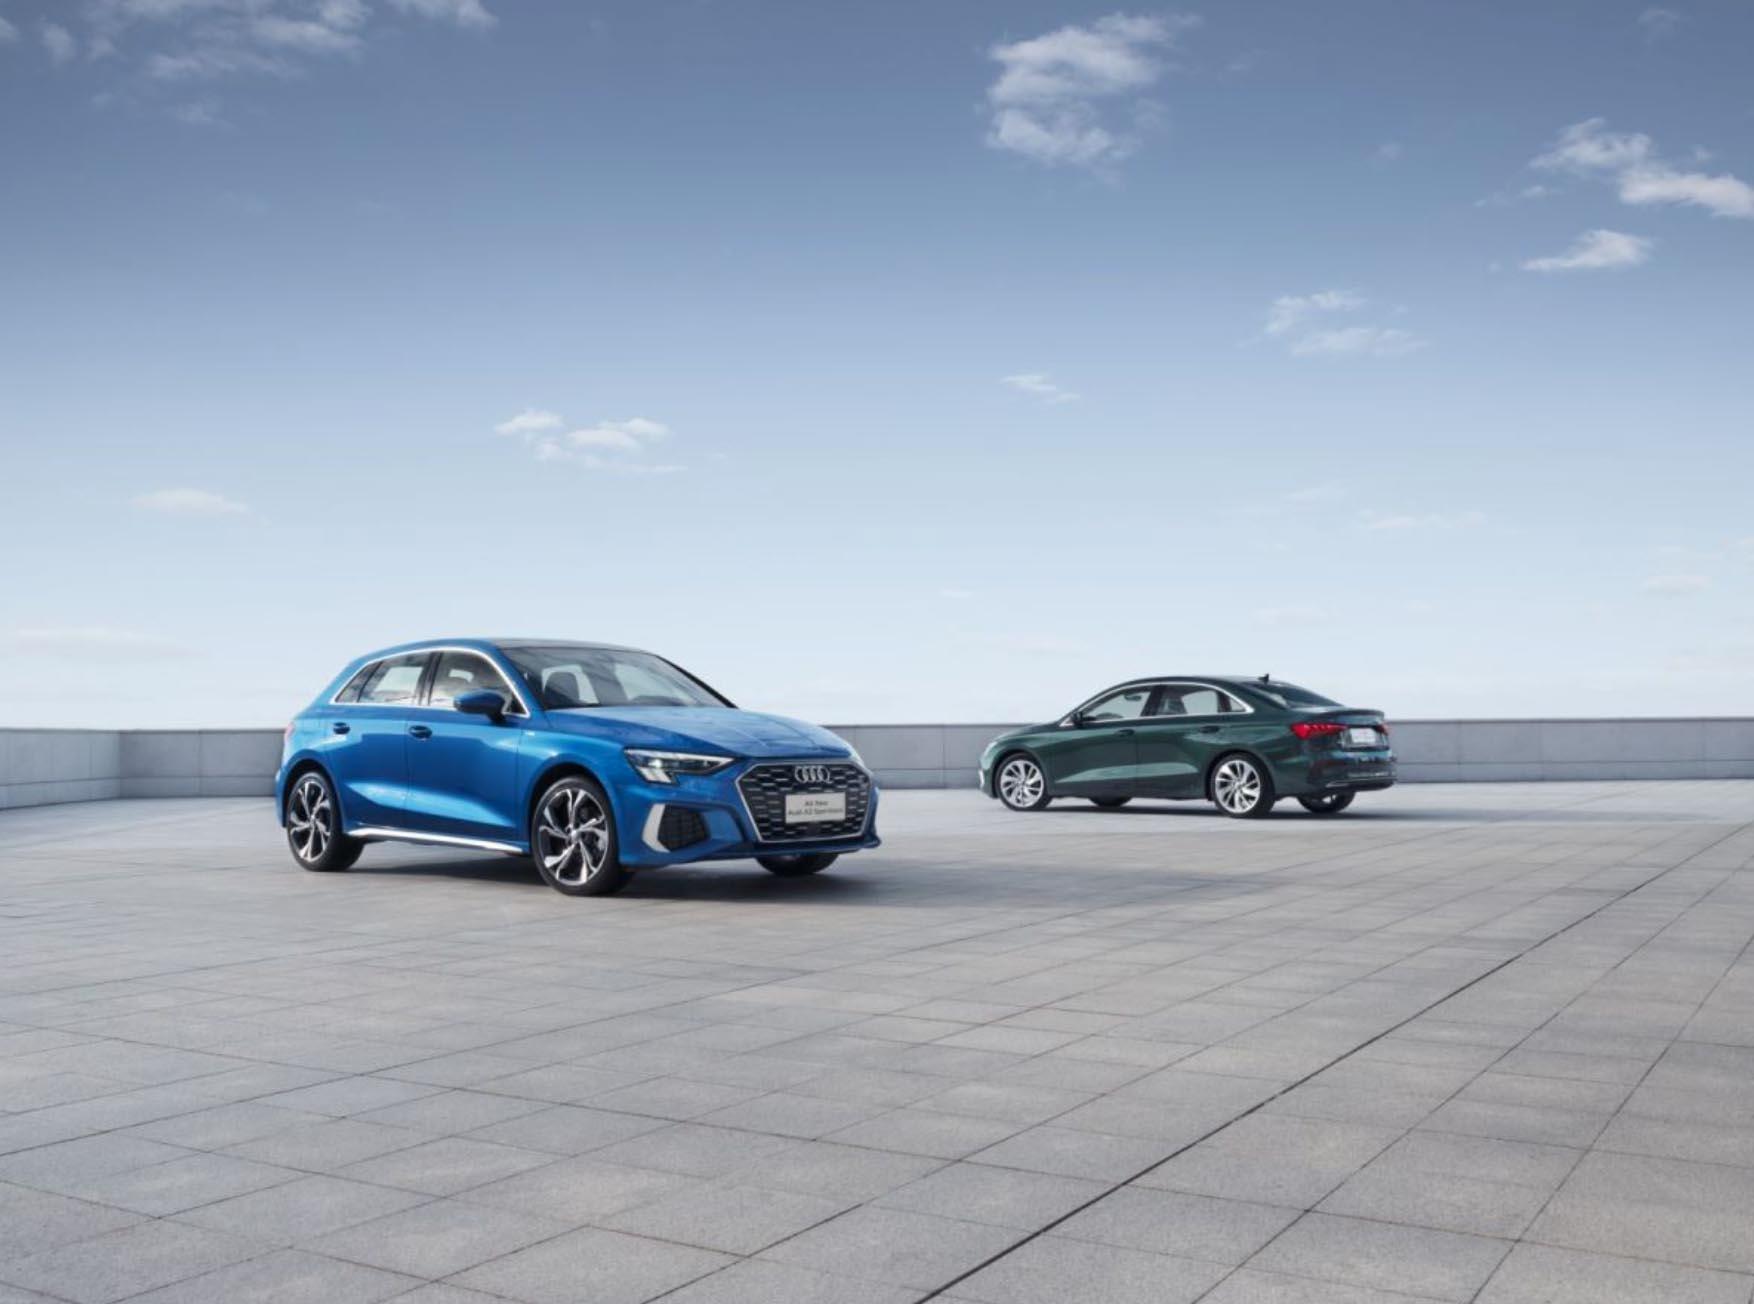 年轻不妥协,全新奥迪A3能否树立豪华紧凑轿车市场新标杆?